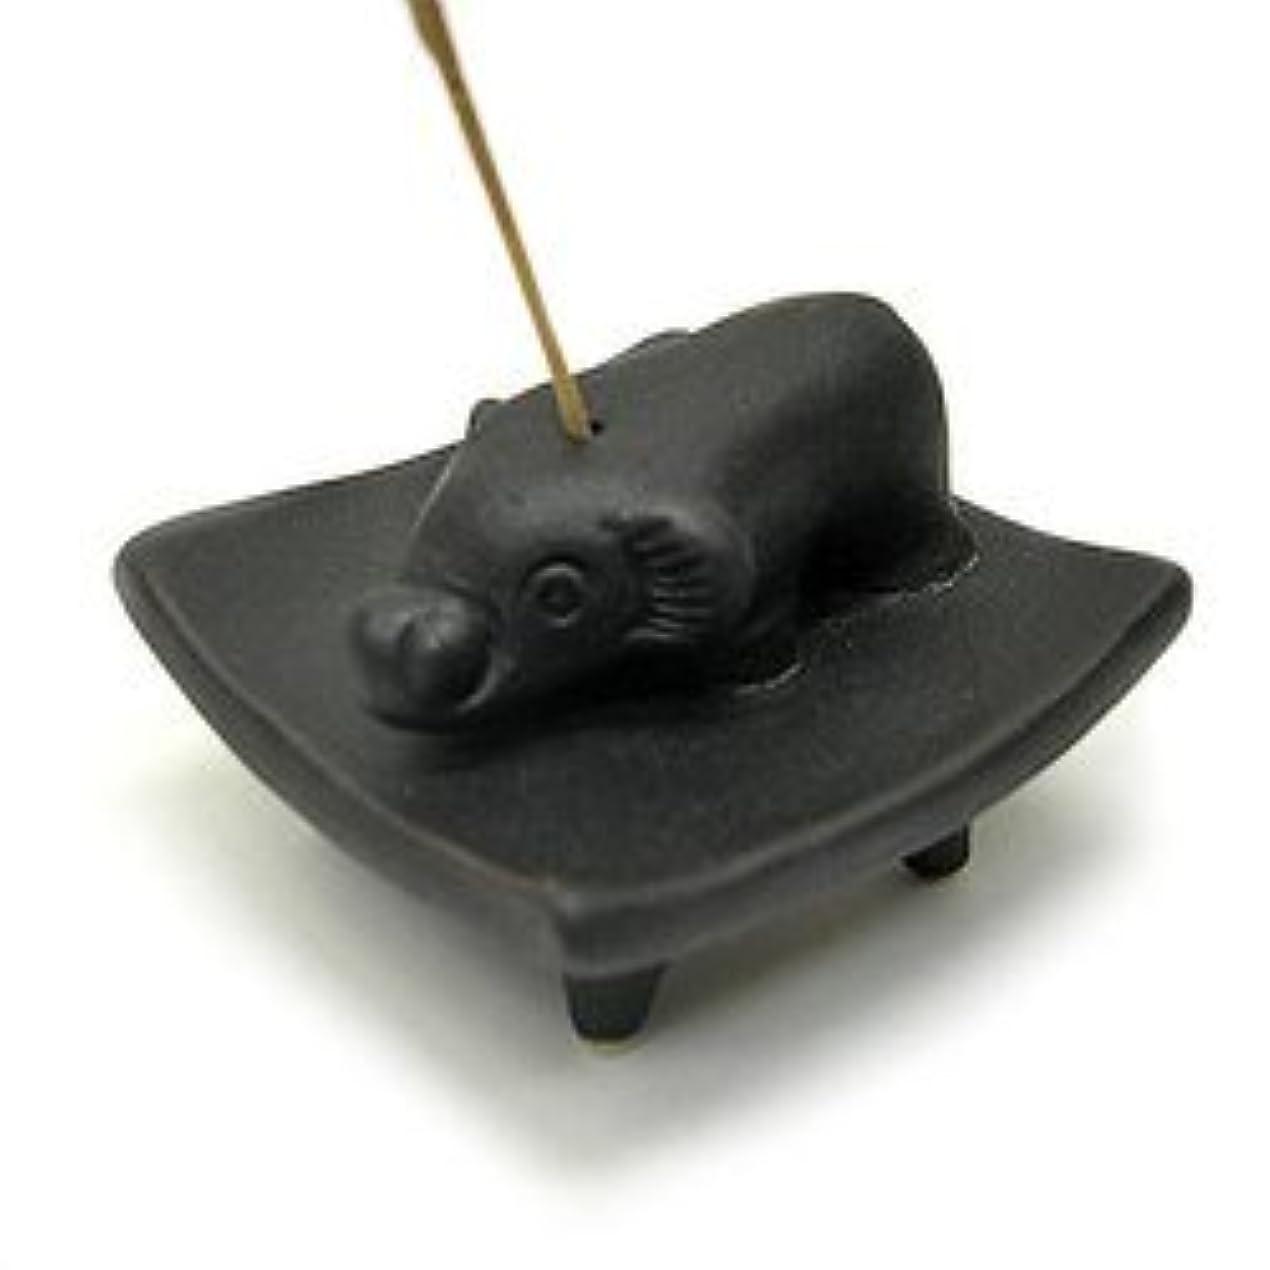 織機先住民慣れているお皿に乗った象さん お香立て<黒> インセンスホルダー/スティックタイプ用お香立て?お香たて アジアン雑貨